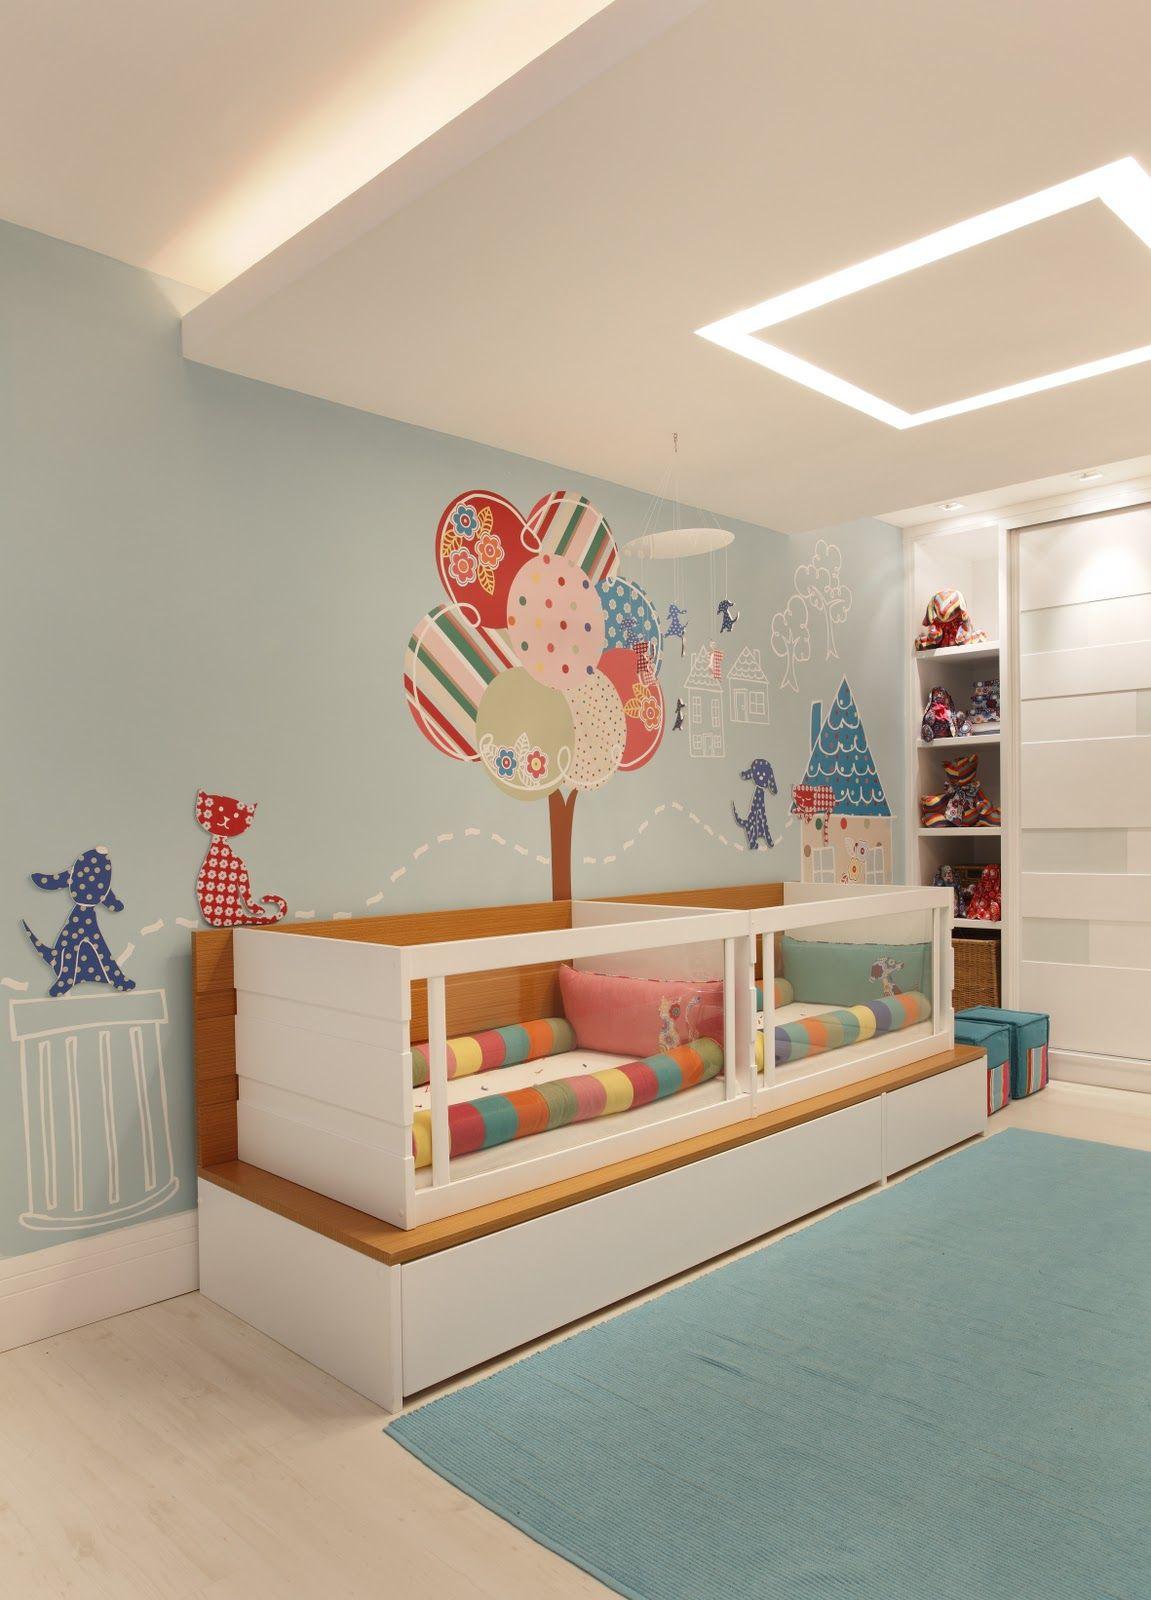 Decorar la habitaci n infantil algunas ideas para la decoraci n de las paredes ambientes - Decorar habitacion infantil ...